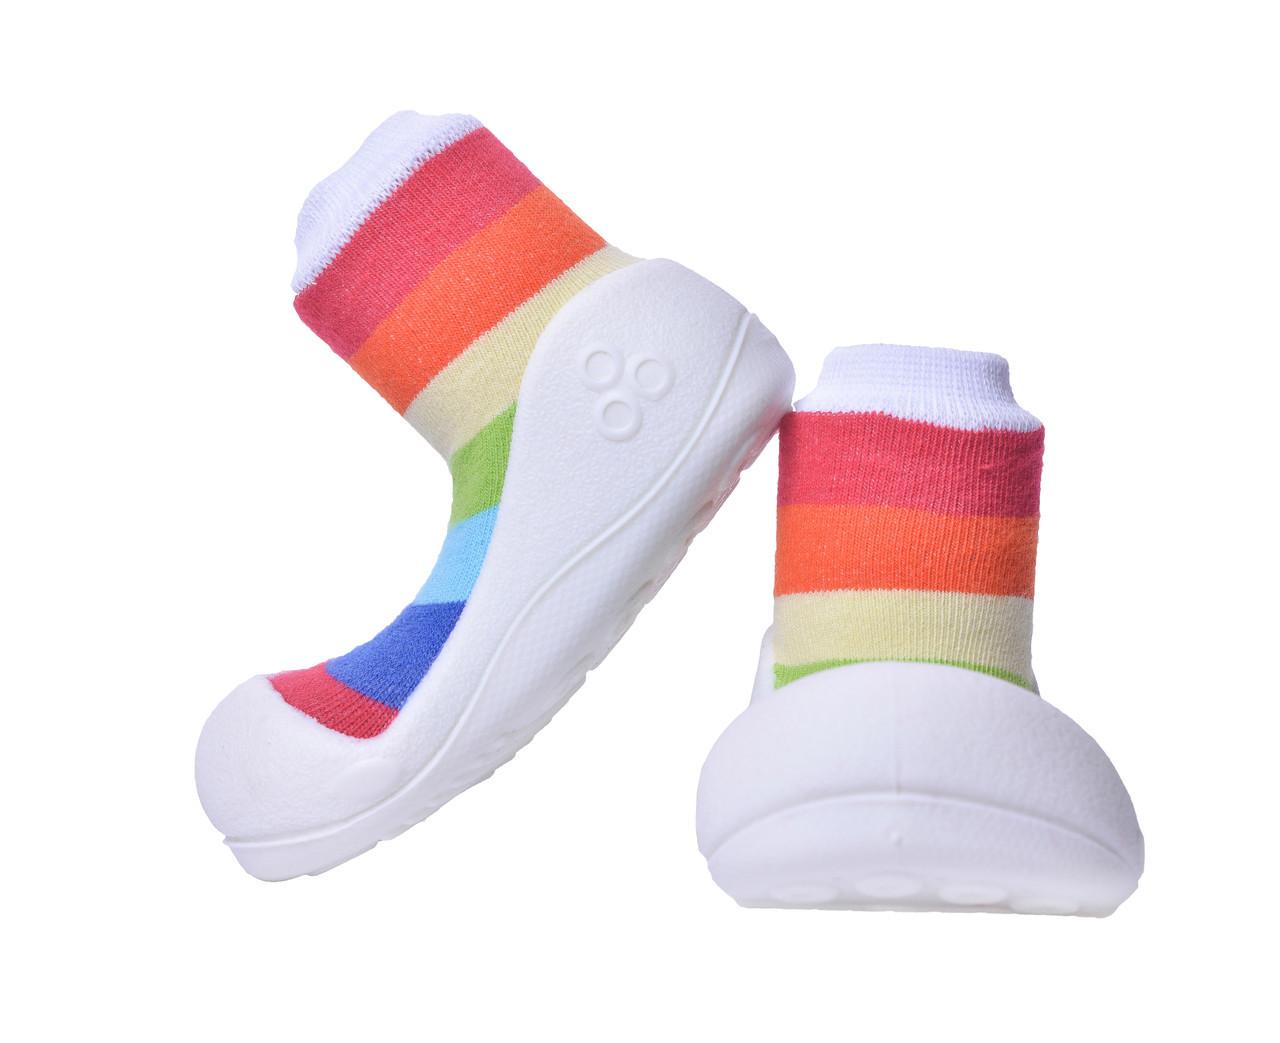 Детская обувь, ботинки марки Attipas RainBow